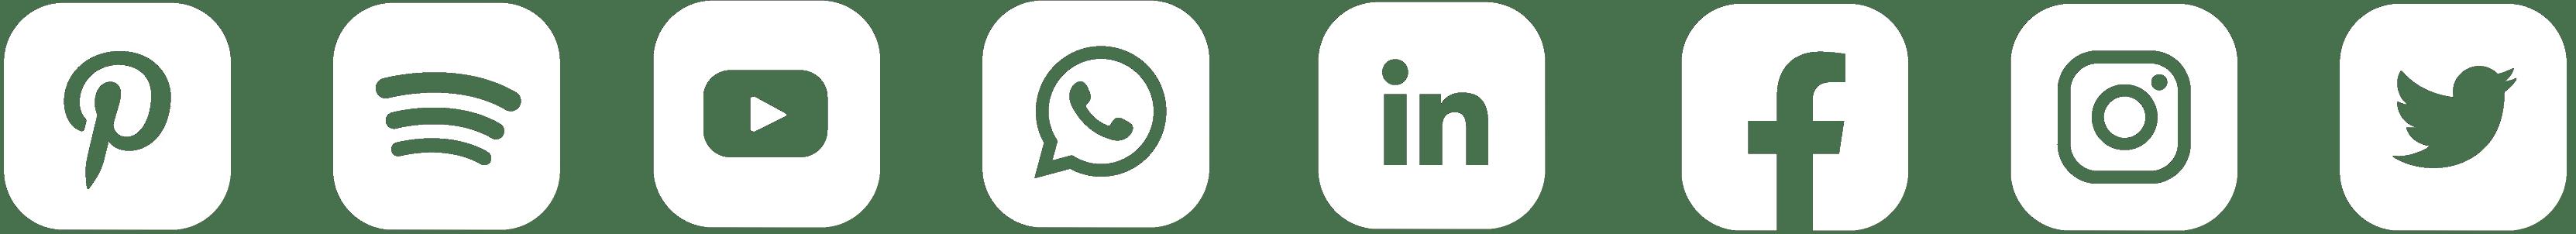 logos redes sociales diseño web